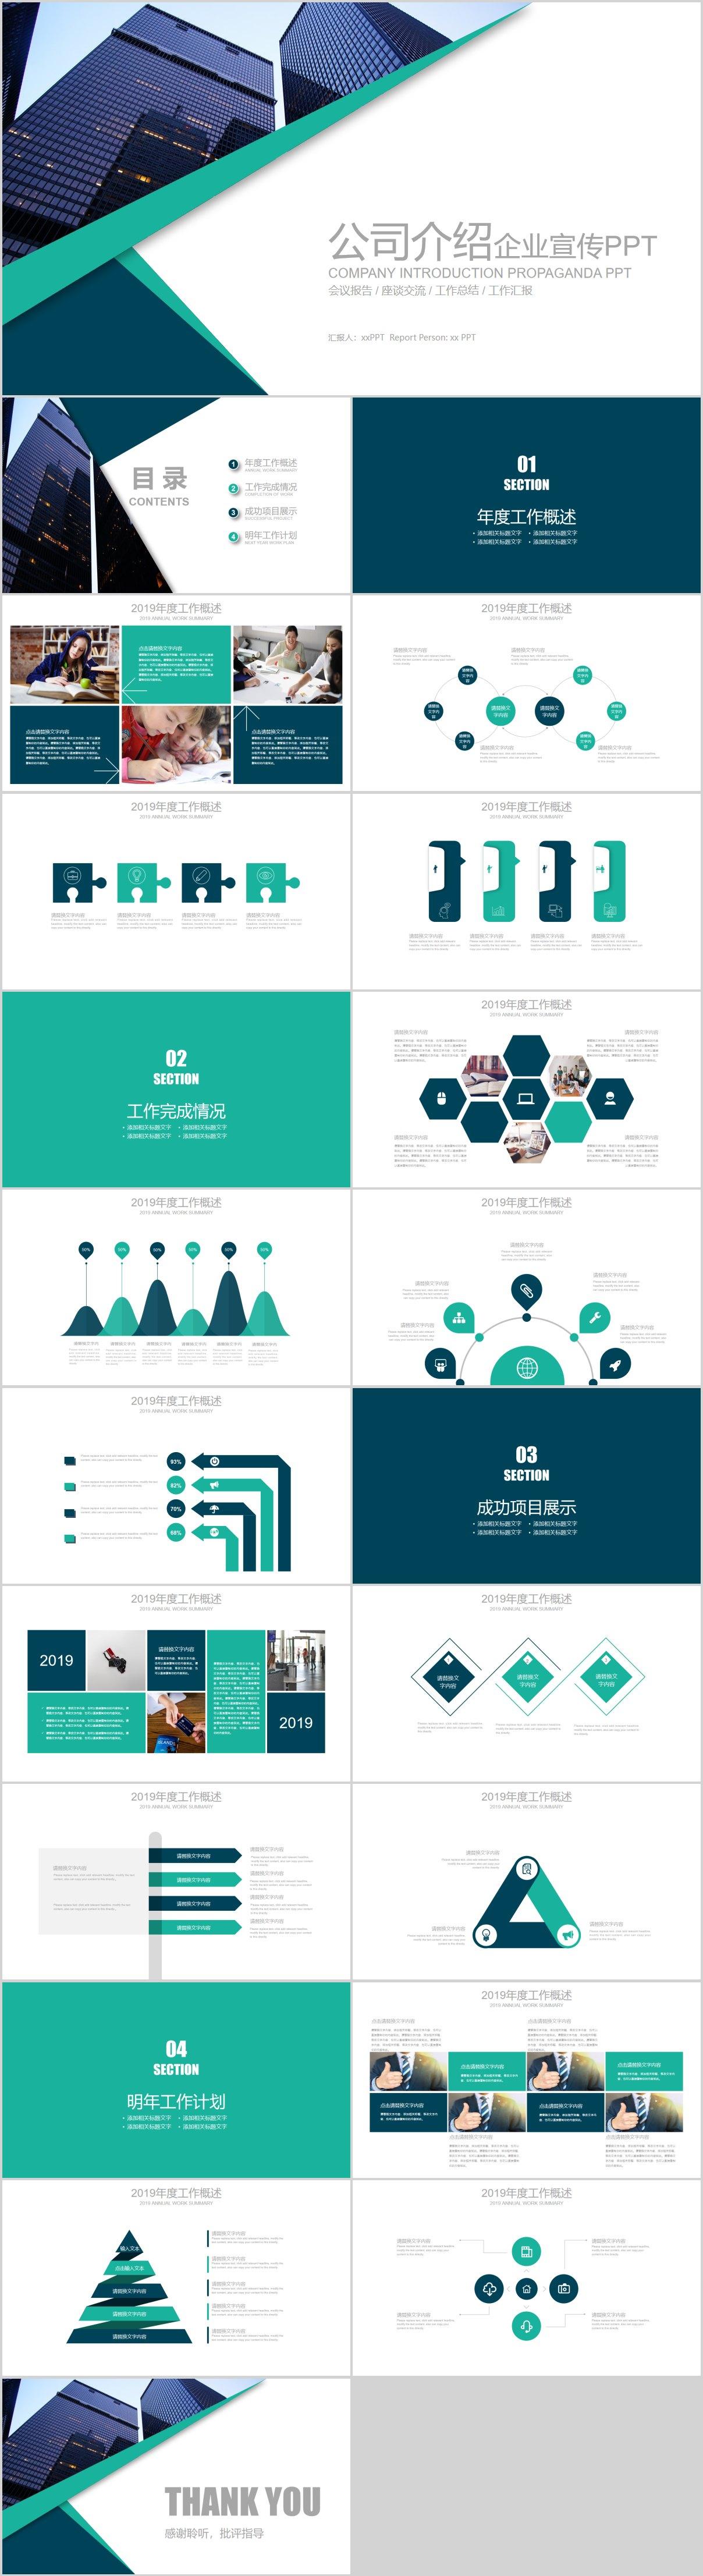 欧美风企业介绍、项目介绍、公司简介、宣传PPT模板